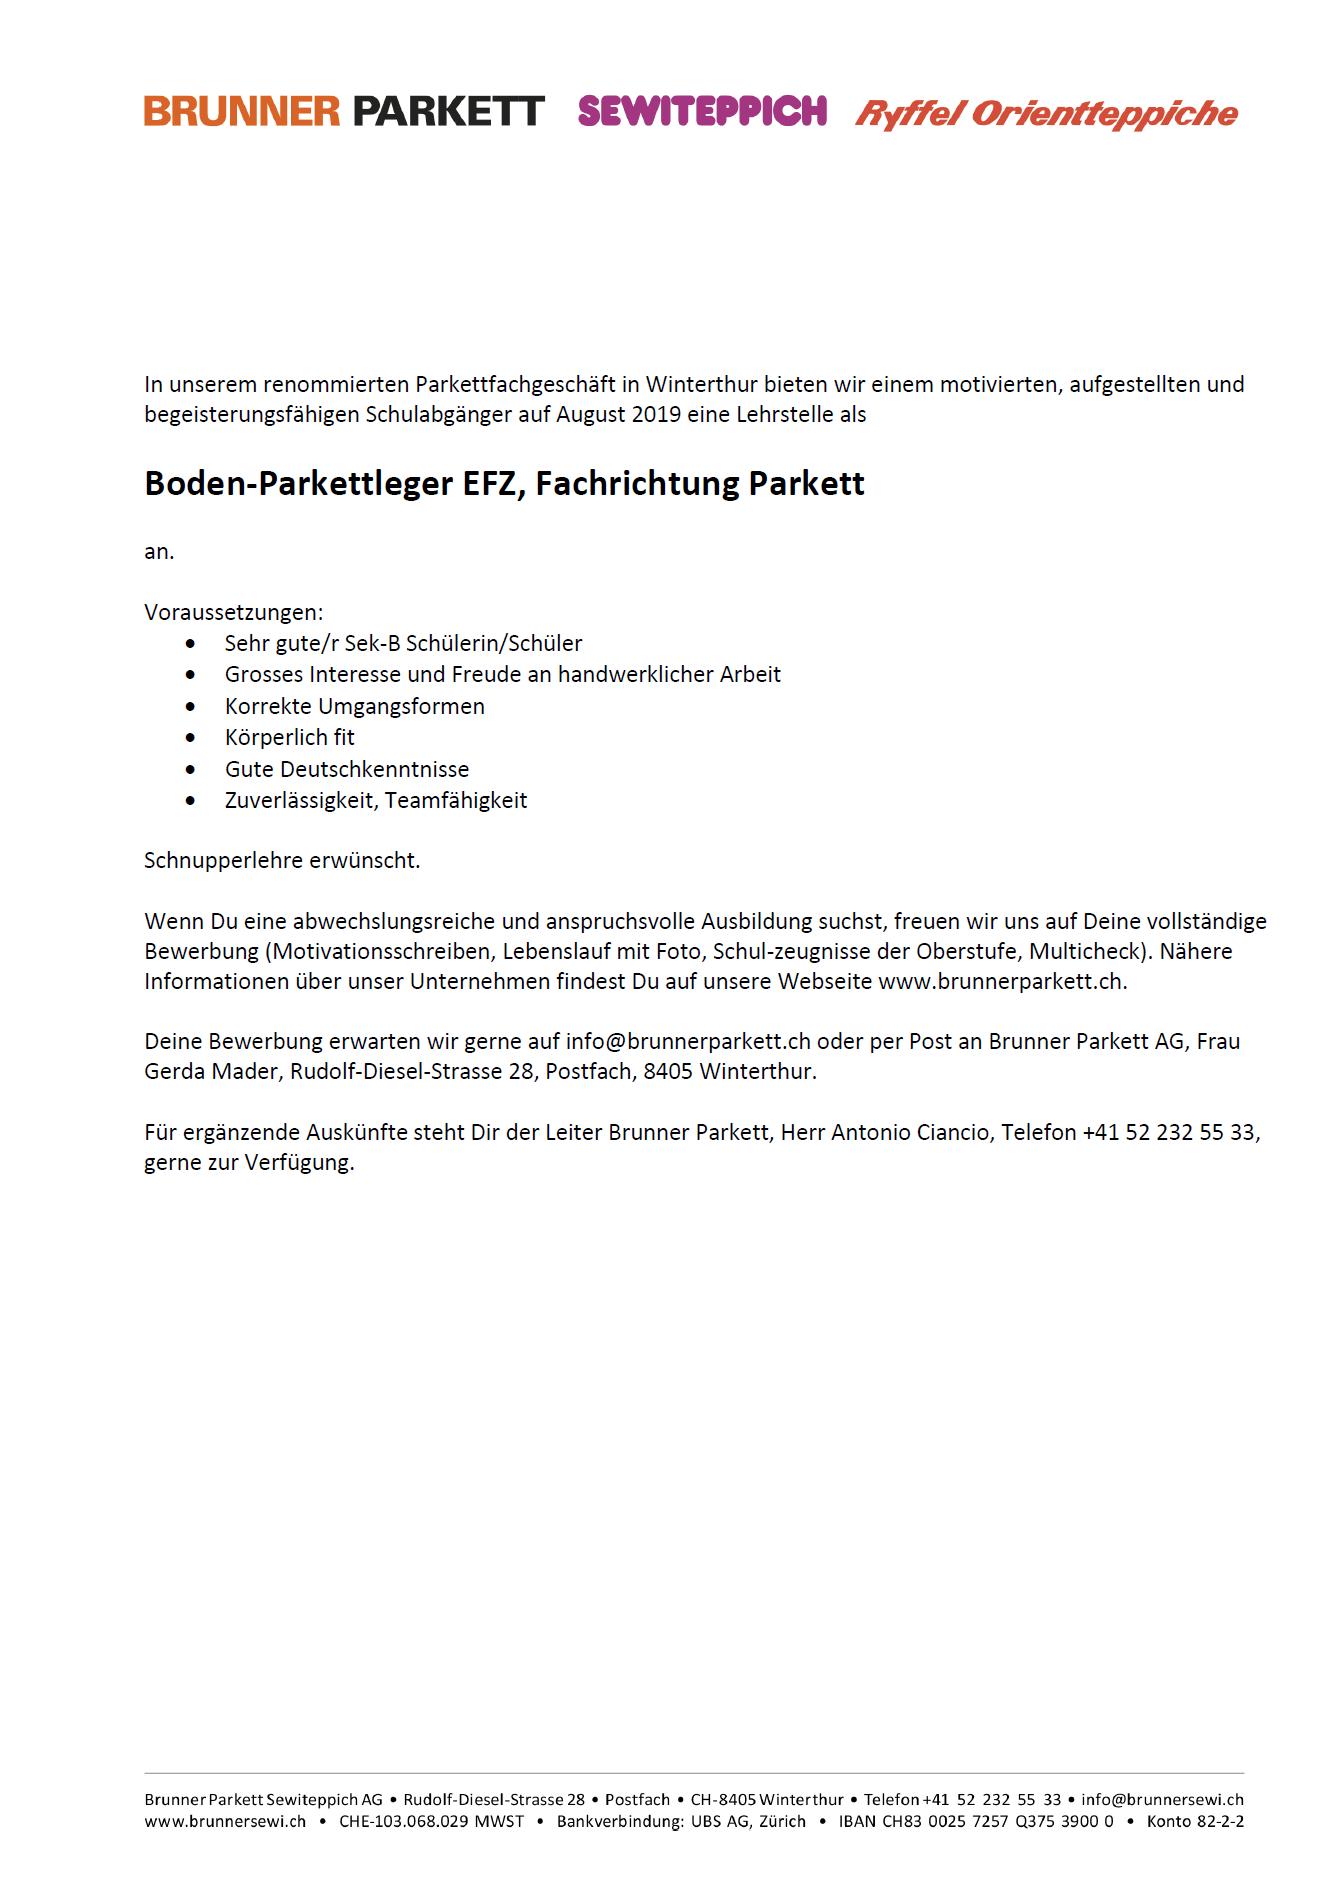 Boden-Parkettleger EFZ